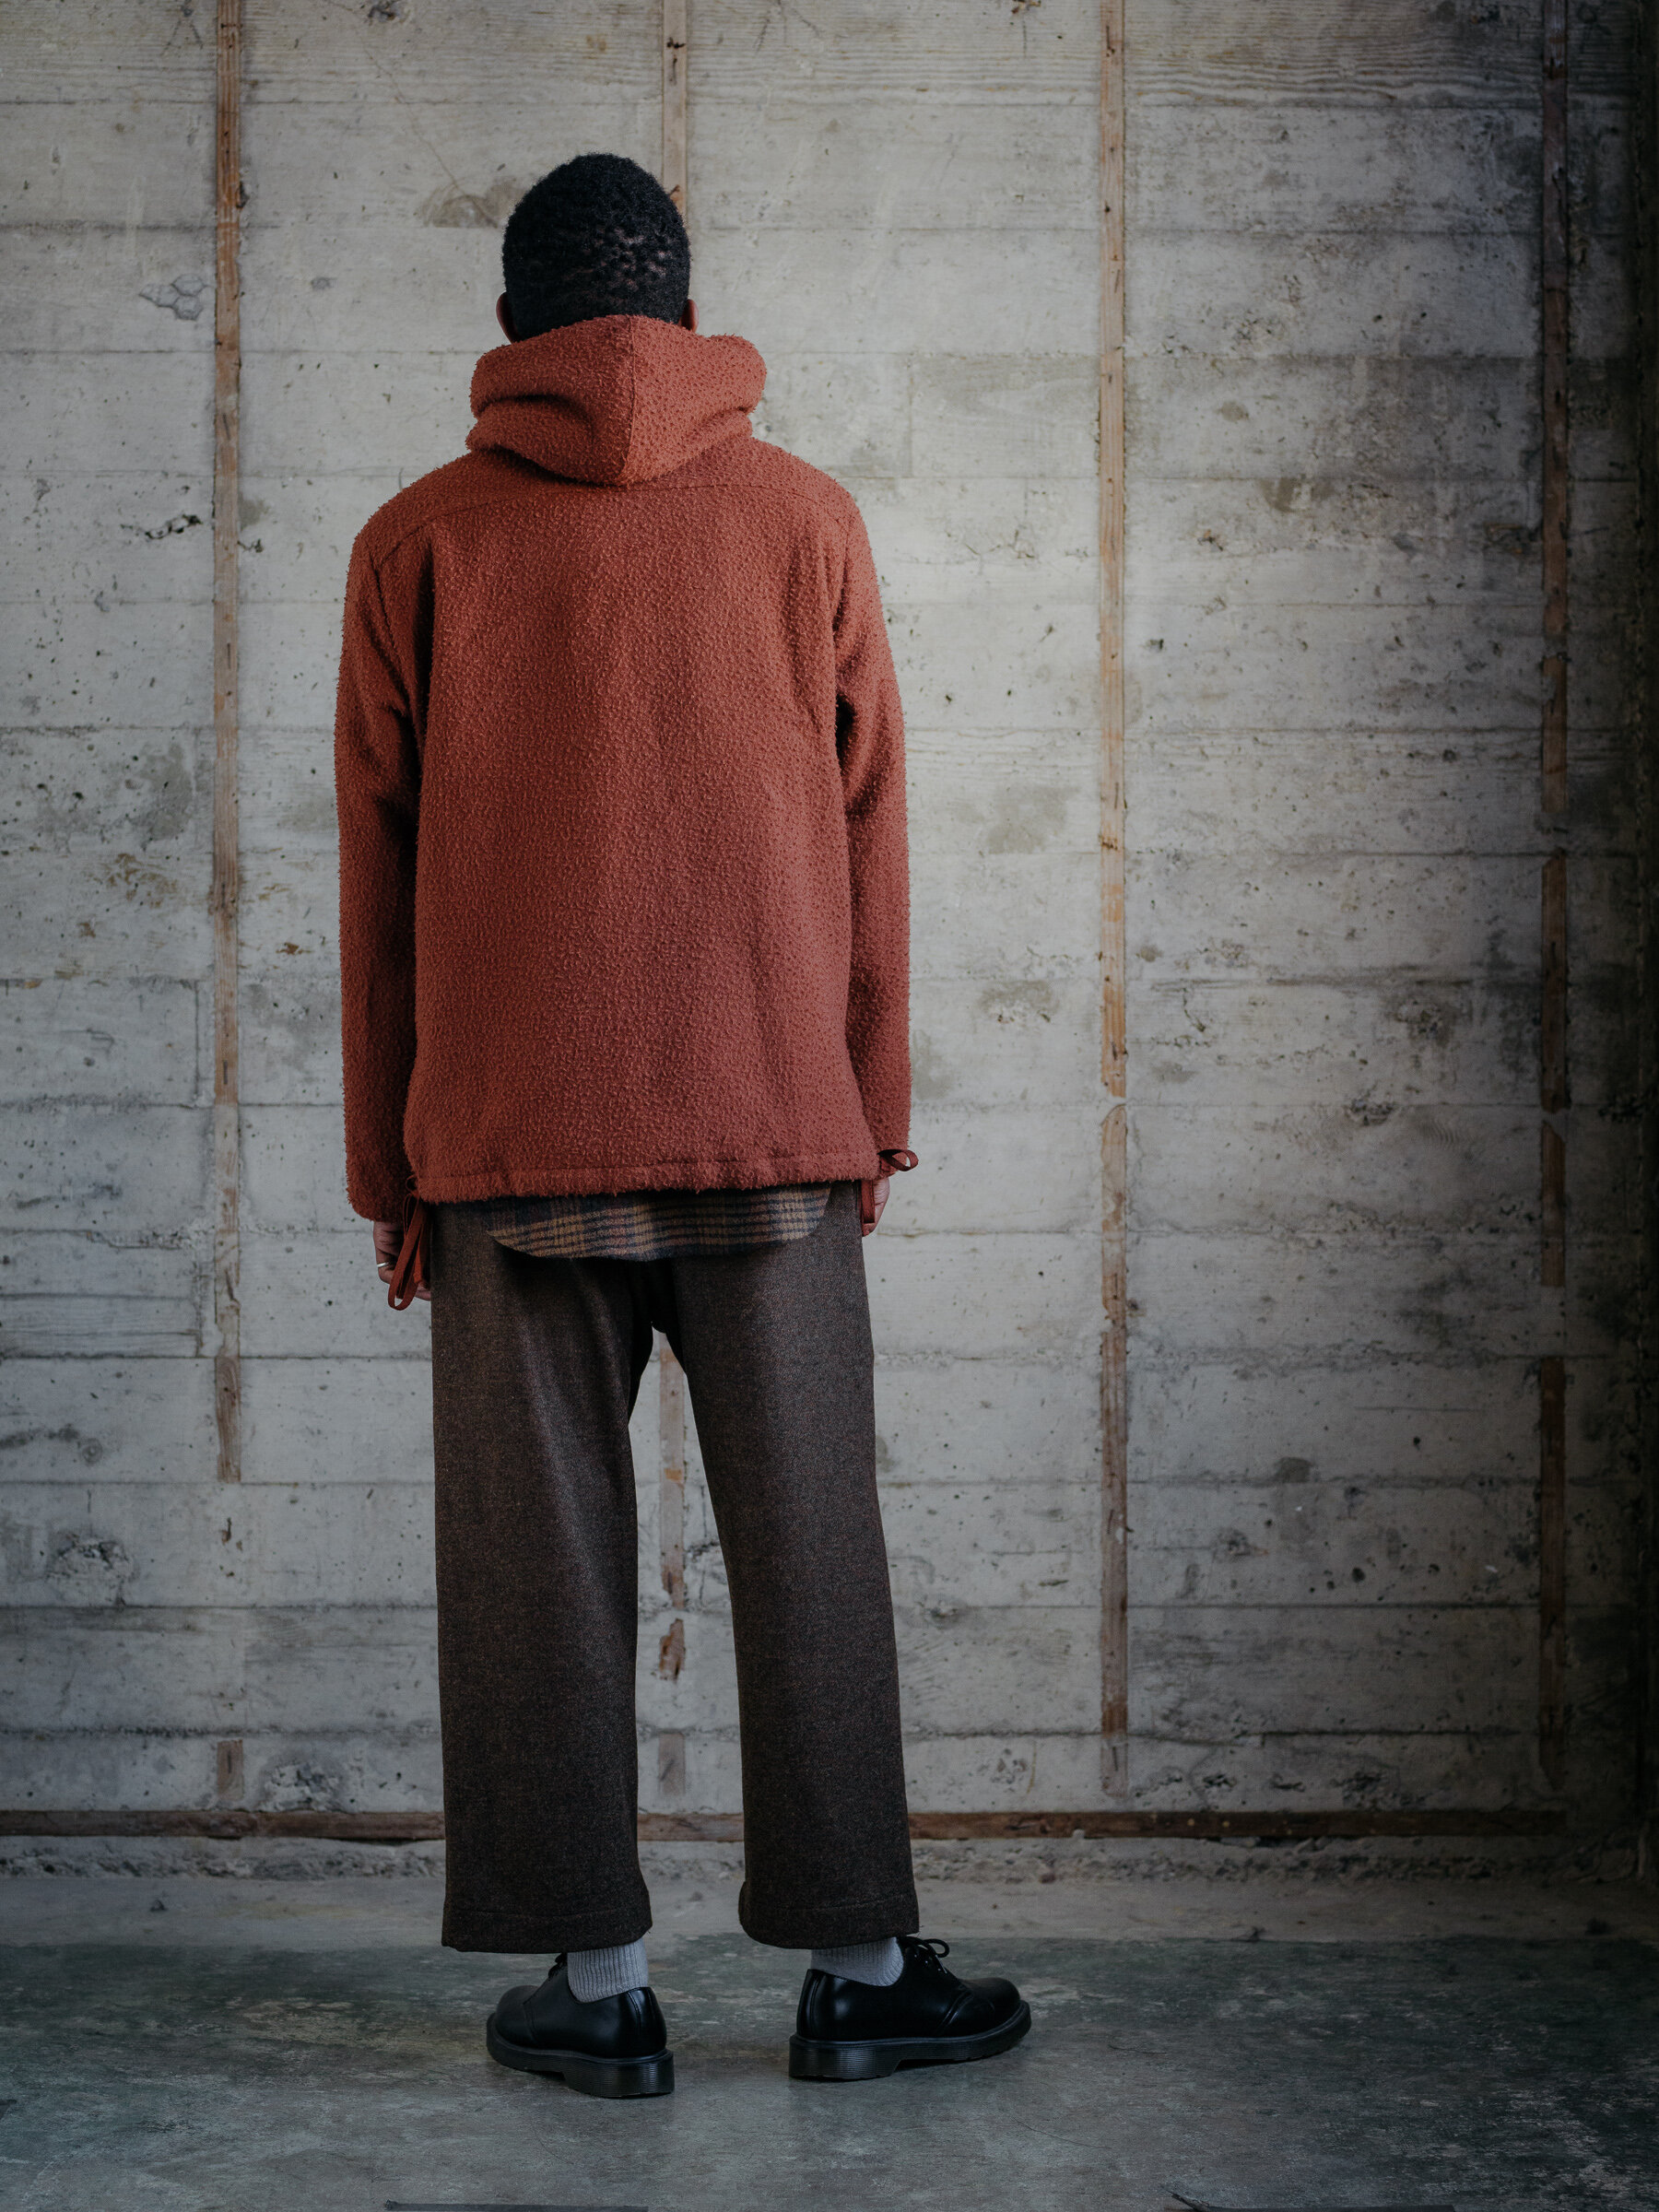 evan-kinori-anorak-casentino-wool-woven-in-italy-3